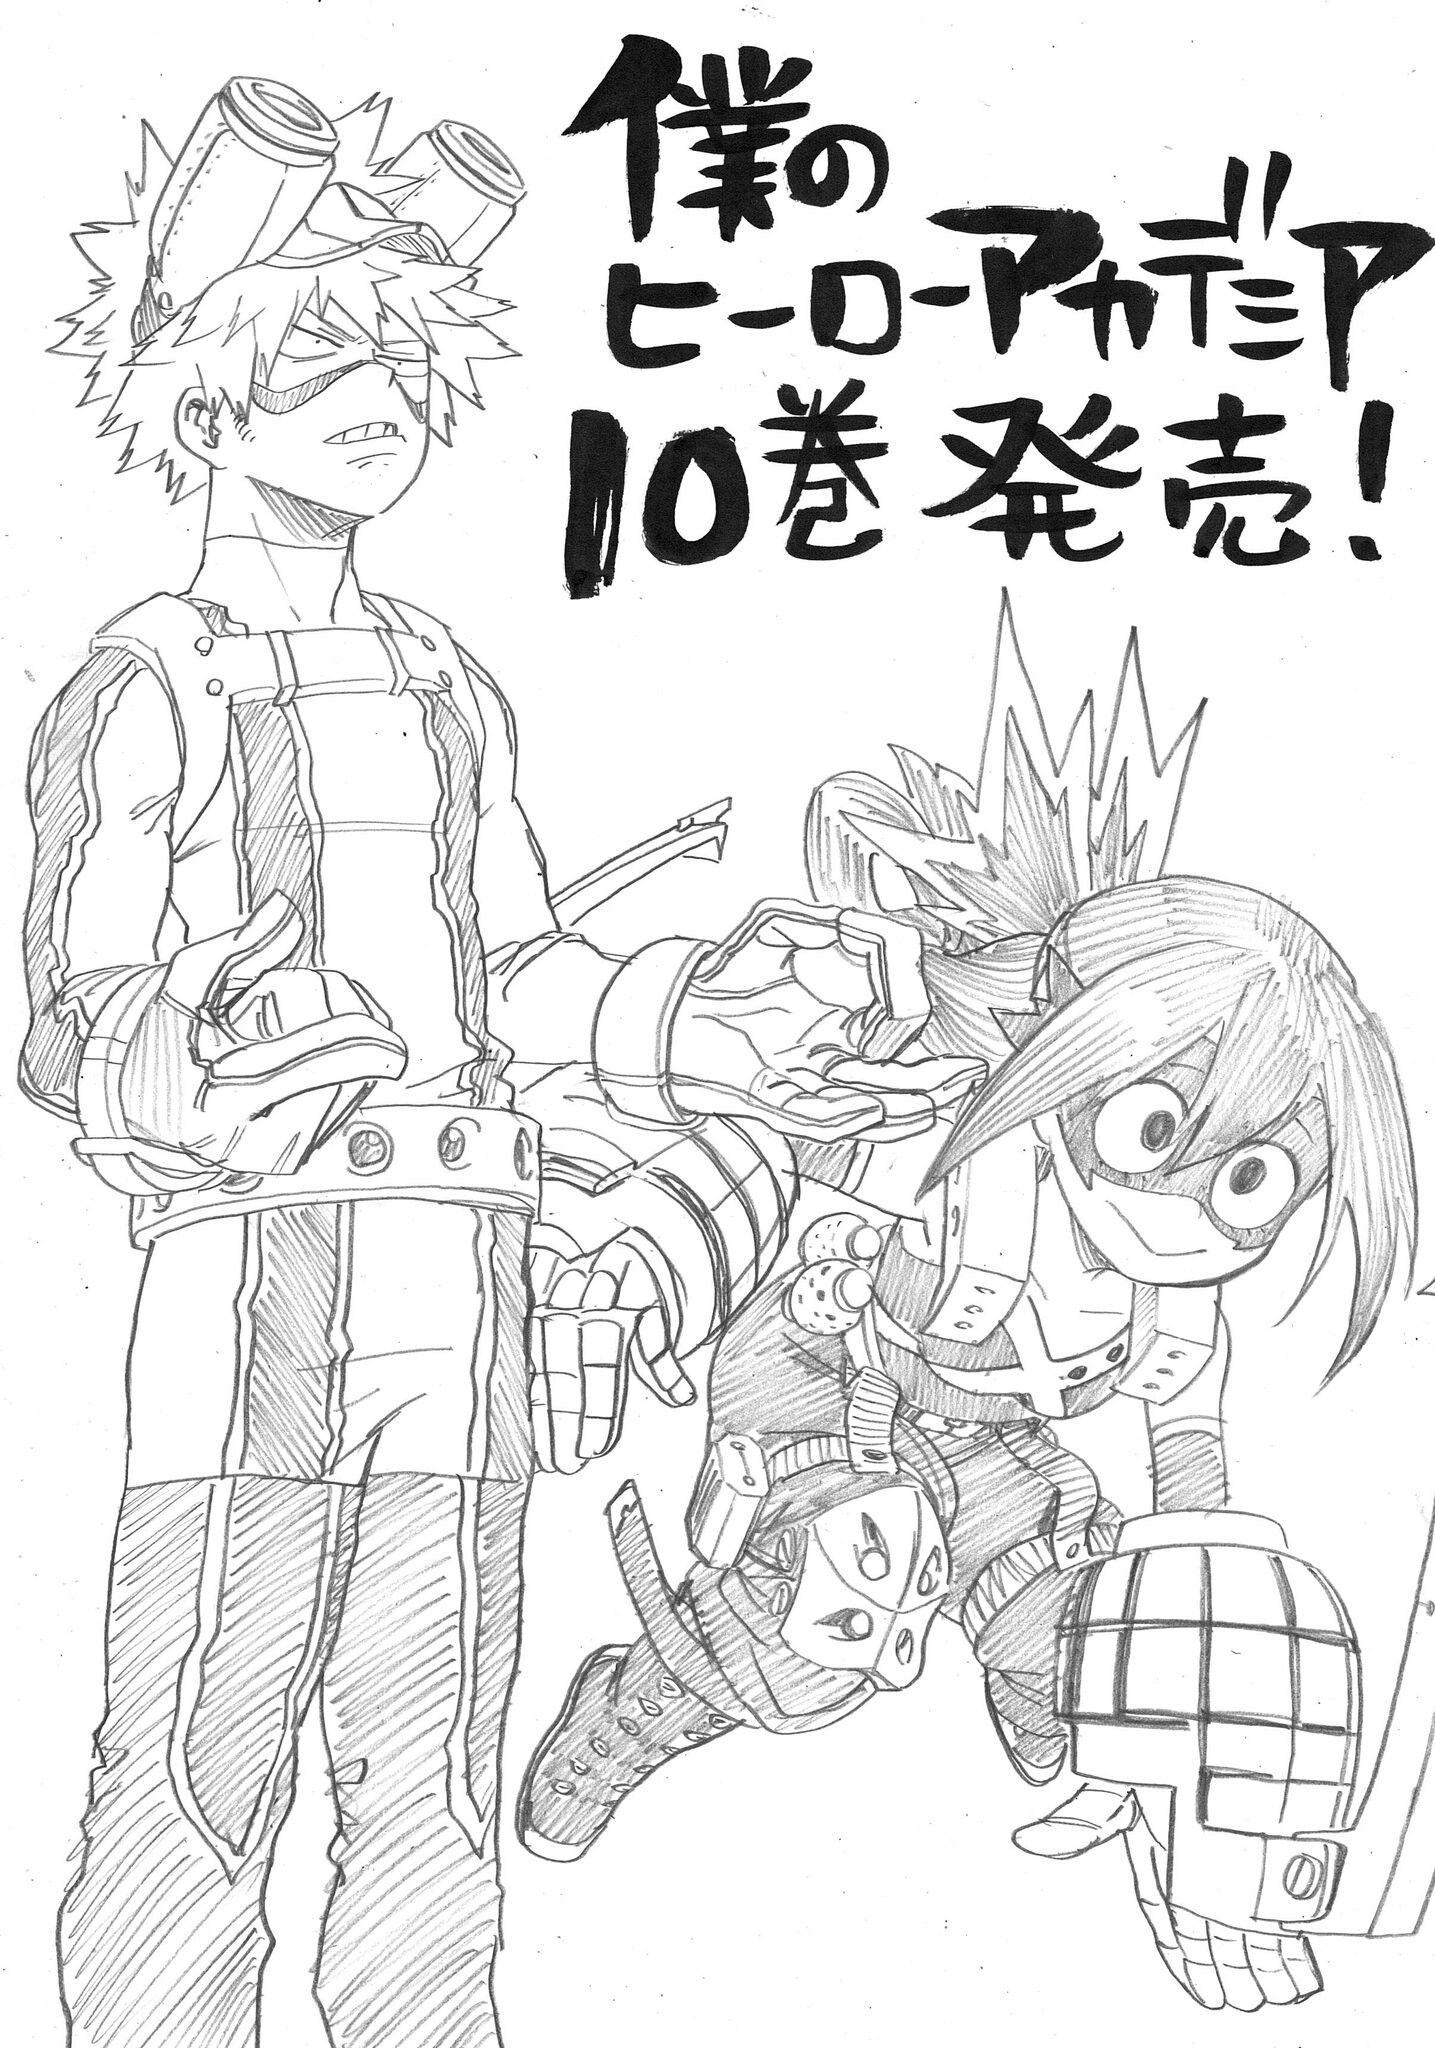 Bakugou Katsuki And Asui Tsuyu